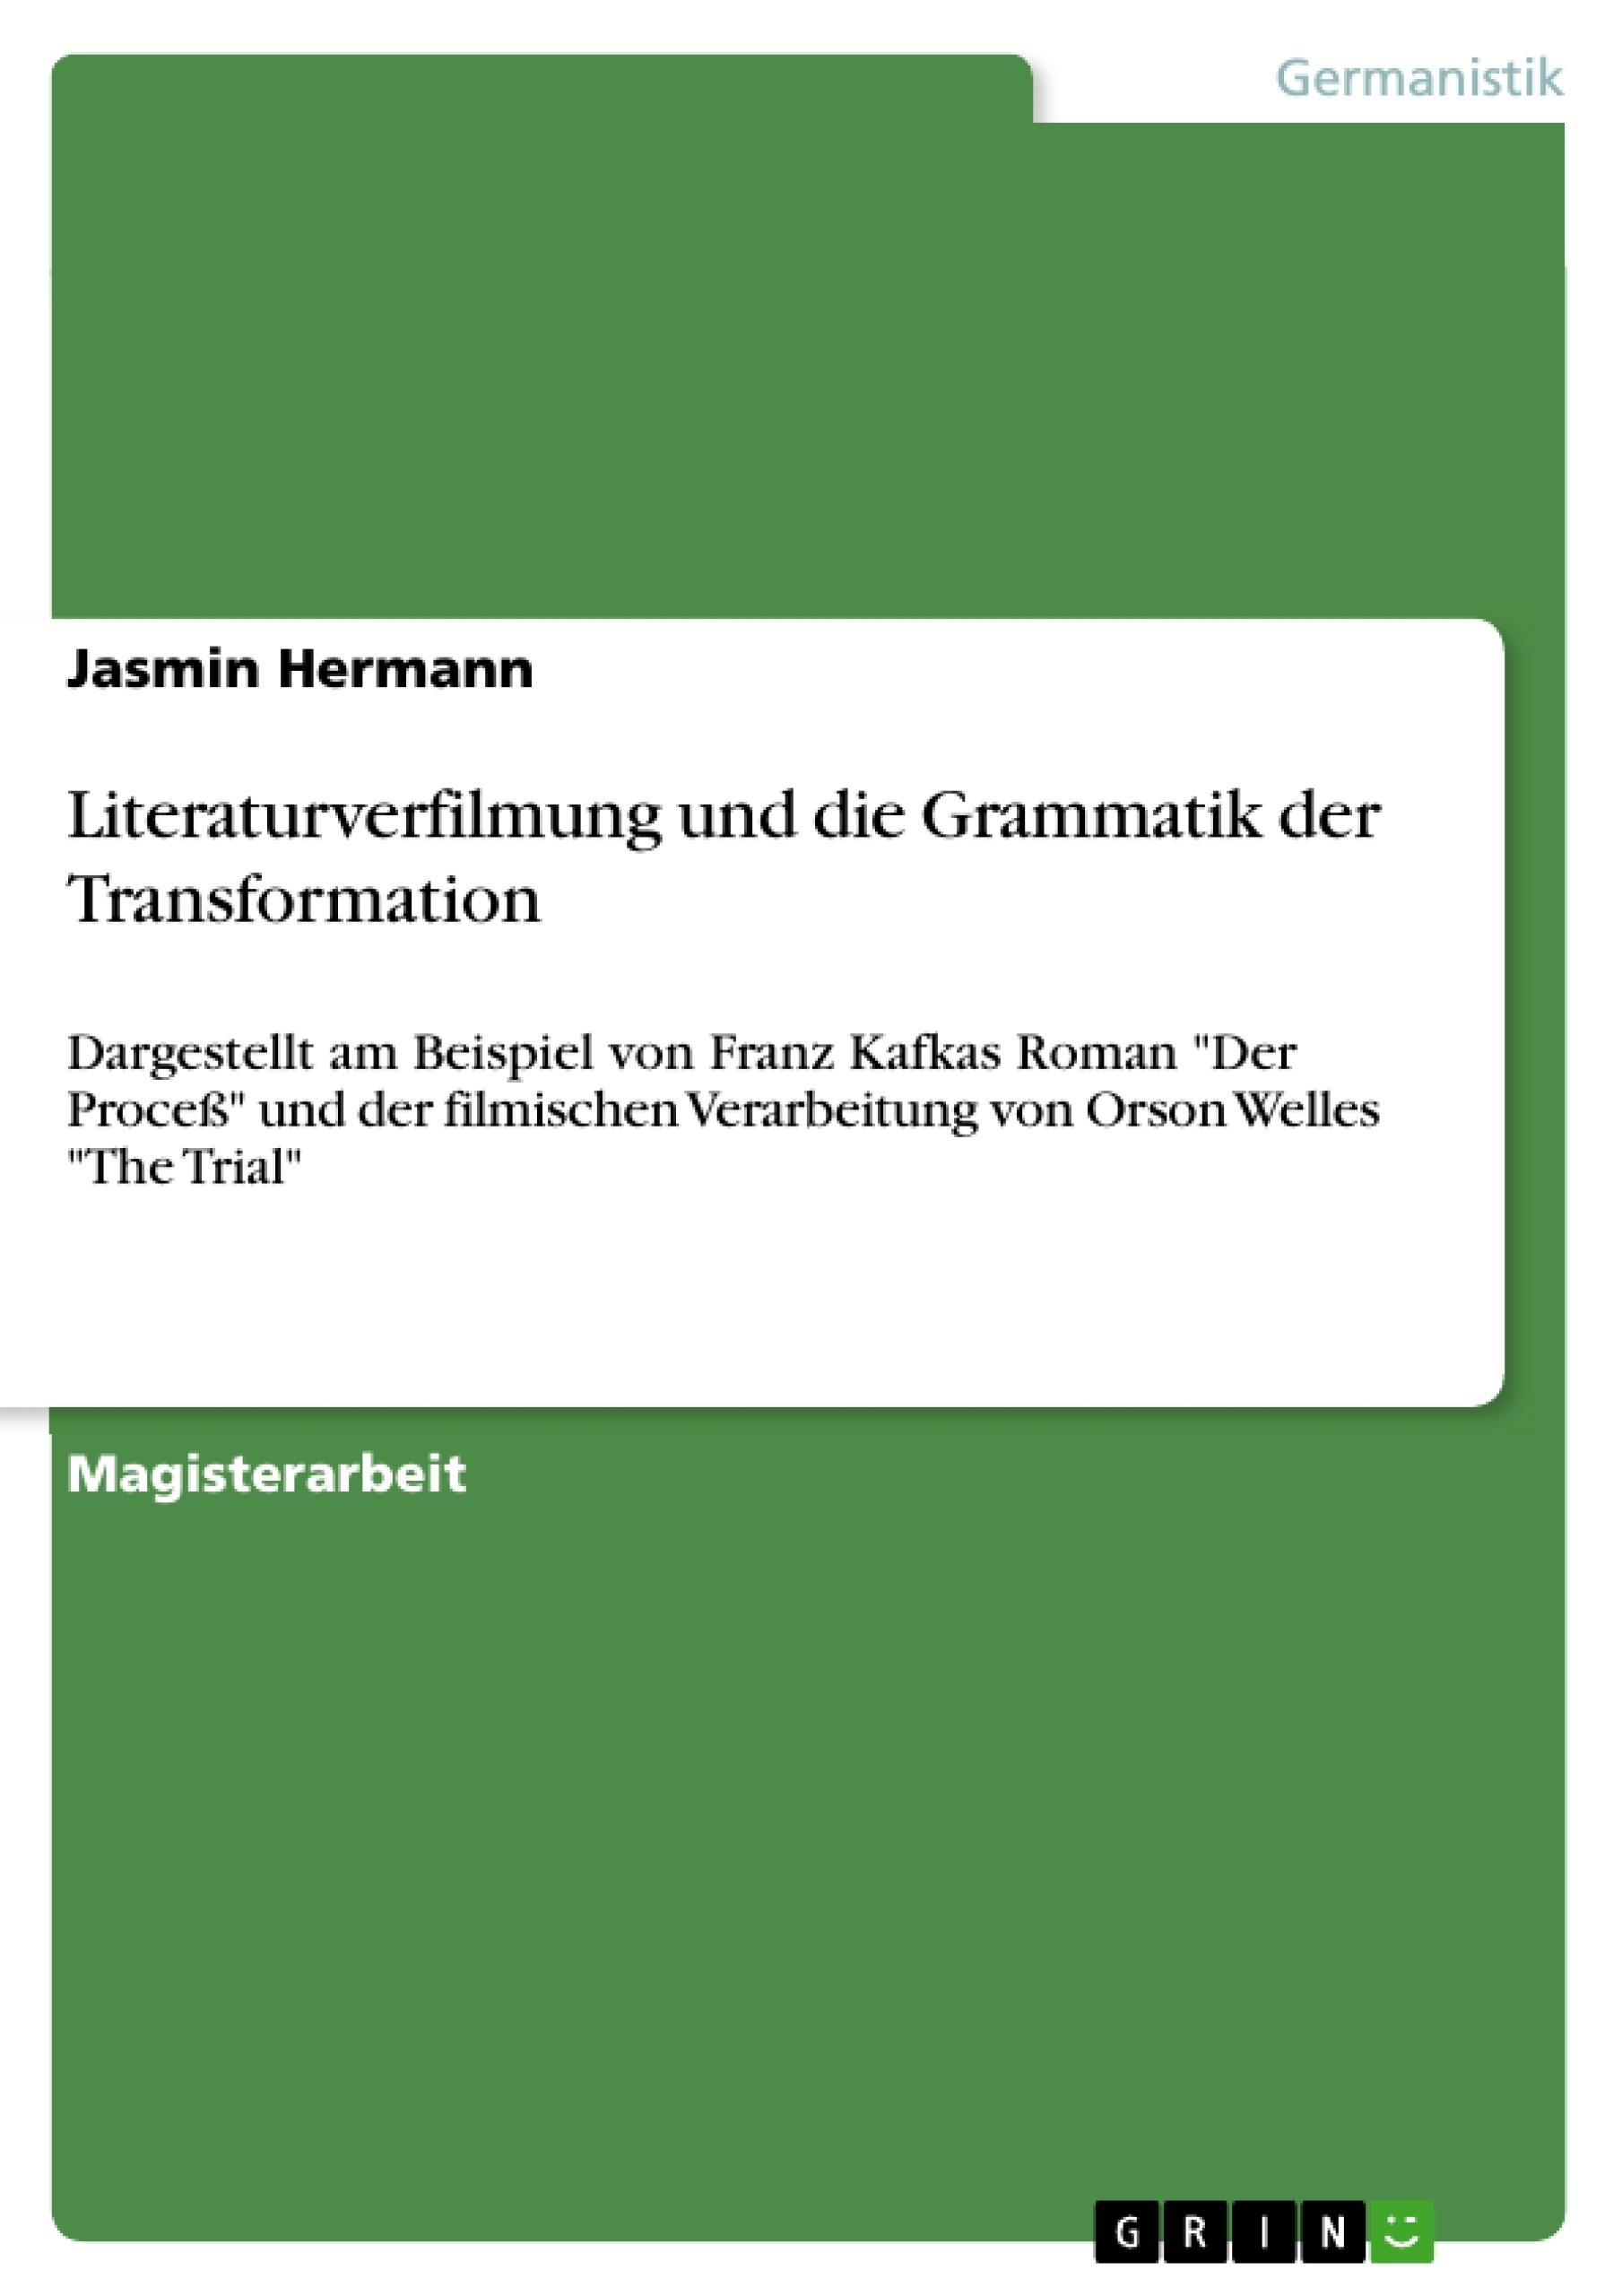 Titel: Literaturverfilmung und die Grammatik der Transformation